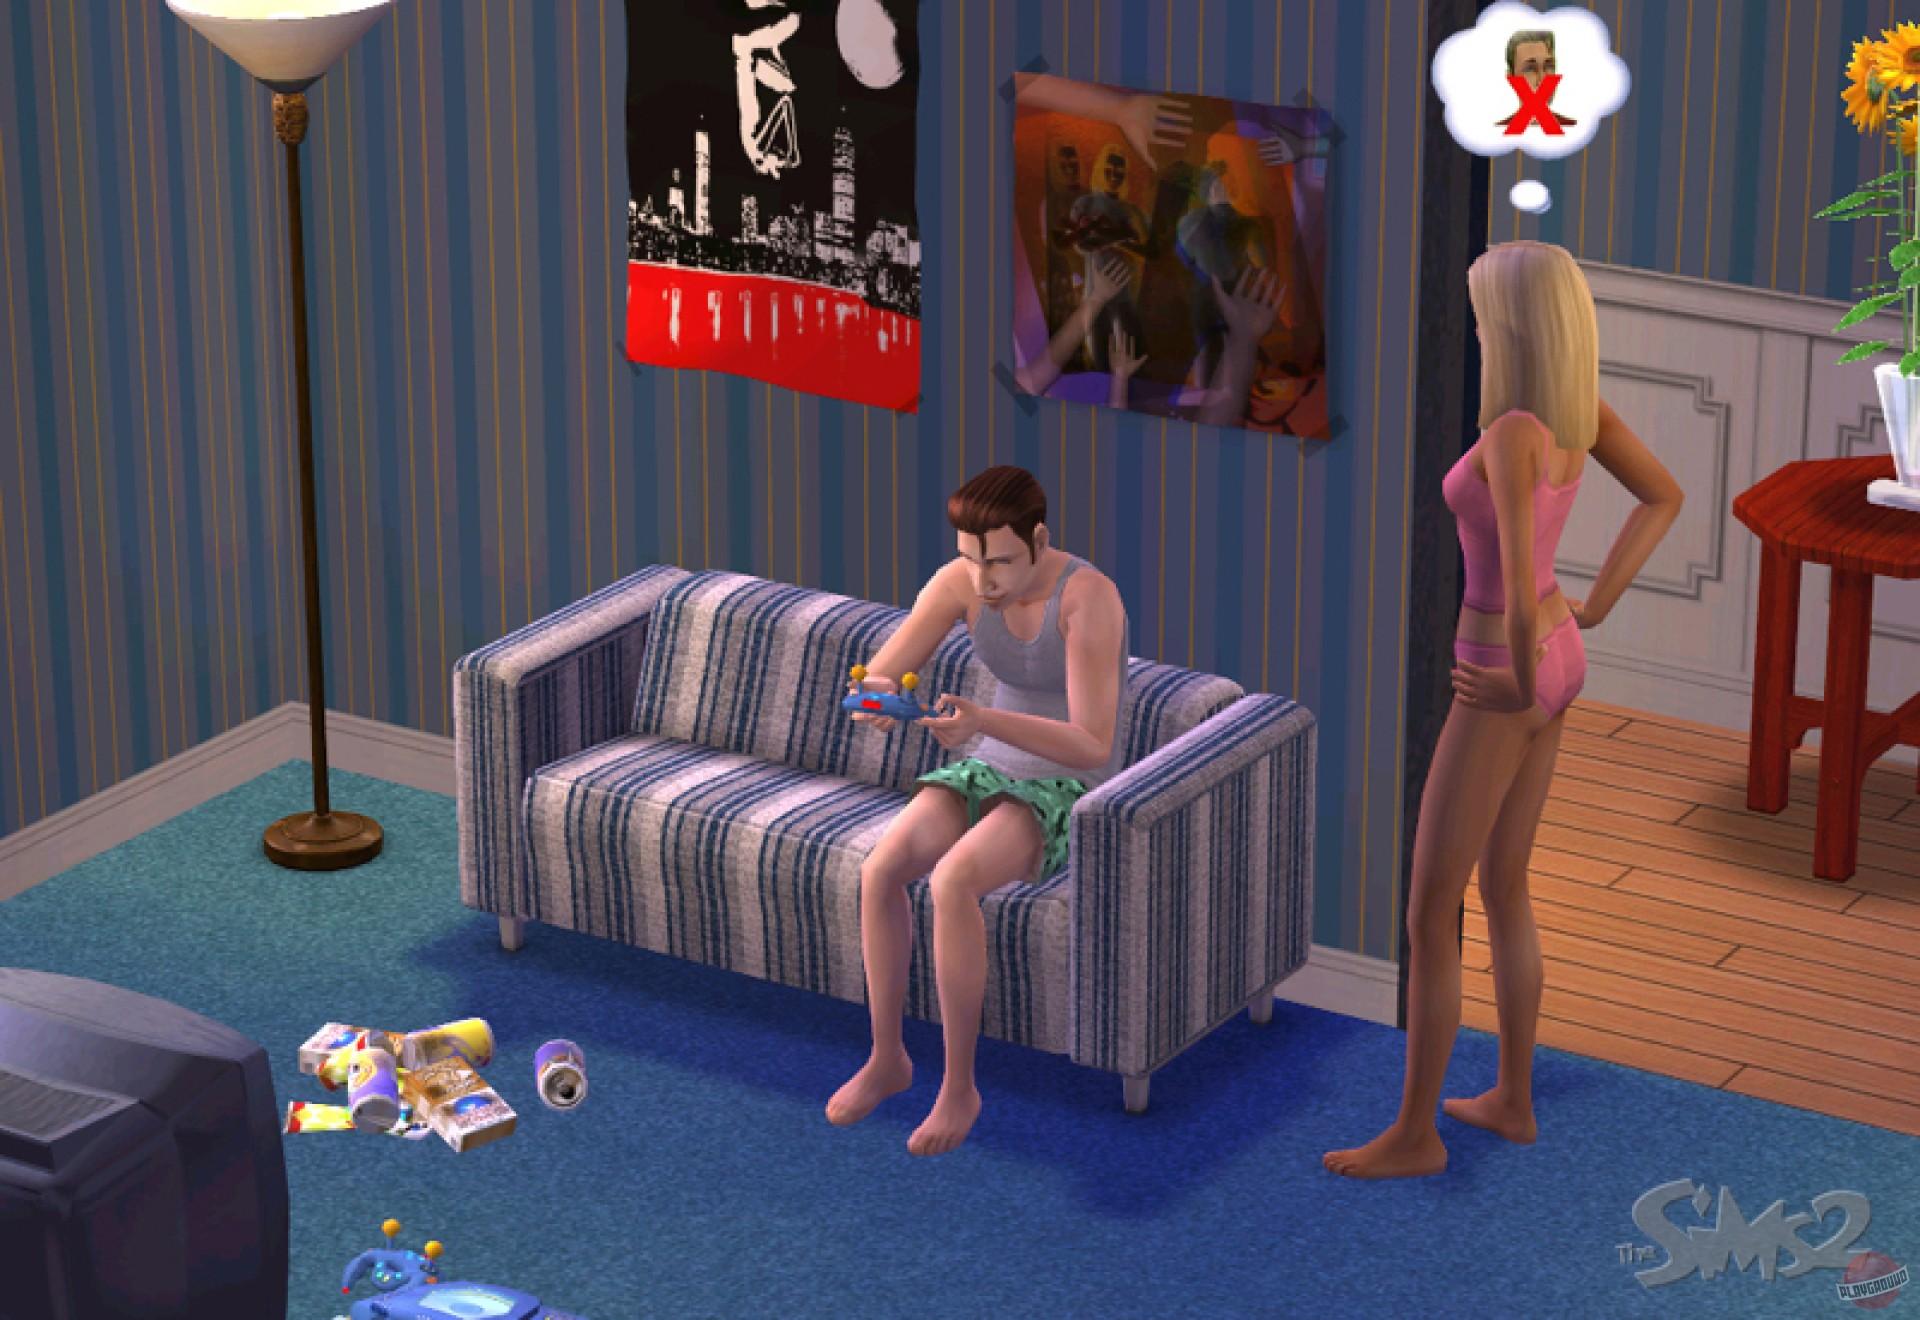 Ігри sex онлайн, Лучшие эротические секс игры! 4 фотография